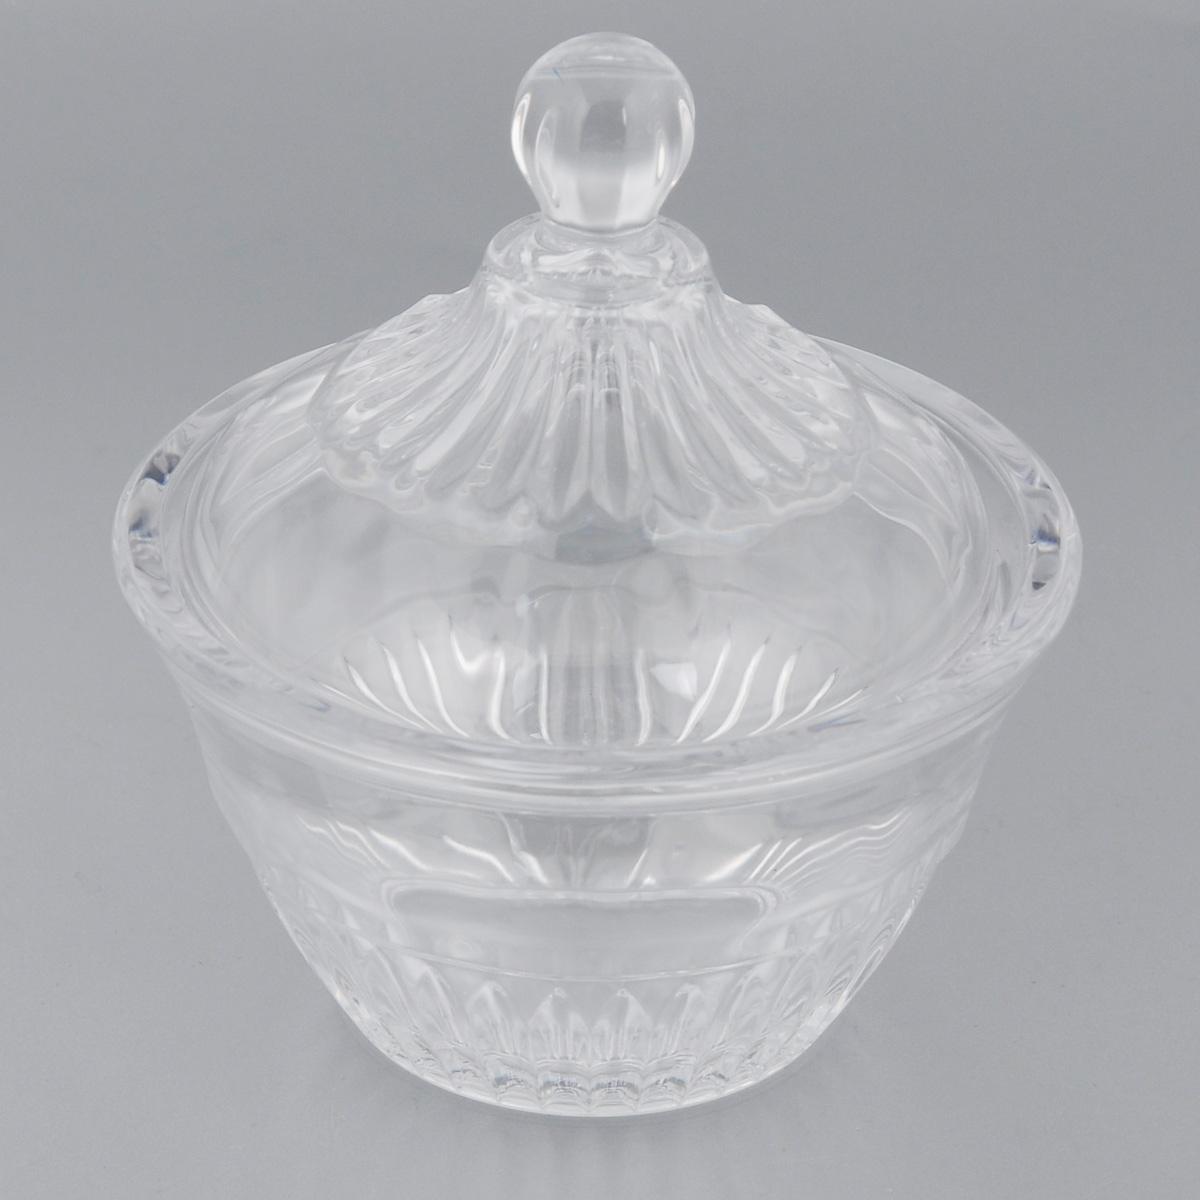 Конфетница Soga Princess, с крышкой, диаметр 11 см115510Элегантная конфетница Soga Princess, изготовленная из прочного стекла, имеет многогранную рельефную поверхность. Конфетница оснащена крышкой с удобной ручкой. Изделие предназначено для подачи сладостей (конфет, сахара, меда, изюма, орехов и многого другого). Она придает легкость, воздушность сервировке стола и создаст особую атмосферу праздника. Конфетница Soga Princess не только украсит ваш кухонный стол и подчеркнет прекрасный вкус хозяина, но и станет отличным подарком для ваших близких и друзей. Можно мыть в посудомоечной машине.Диаметр конфетницы (по верхнему краю): 11 см.Высота конфетницы (с учетом крышки): 12,5 см.